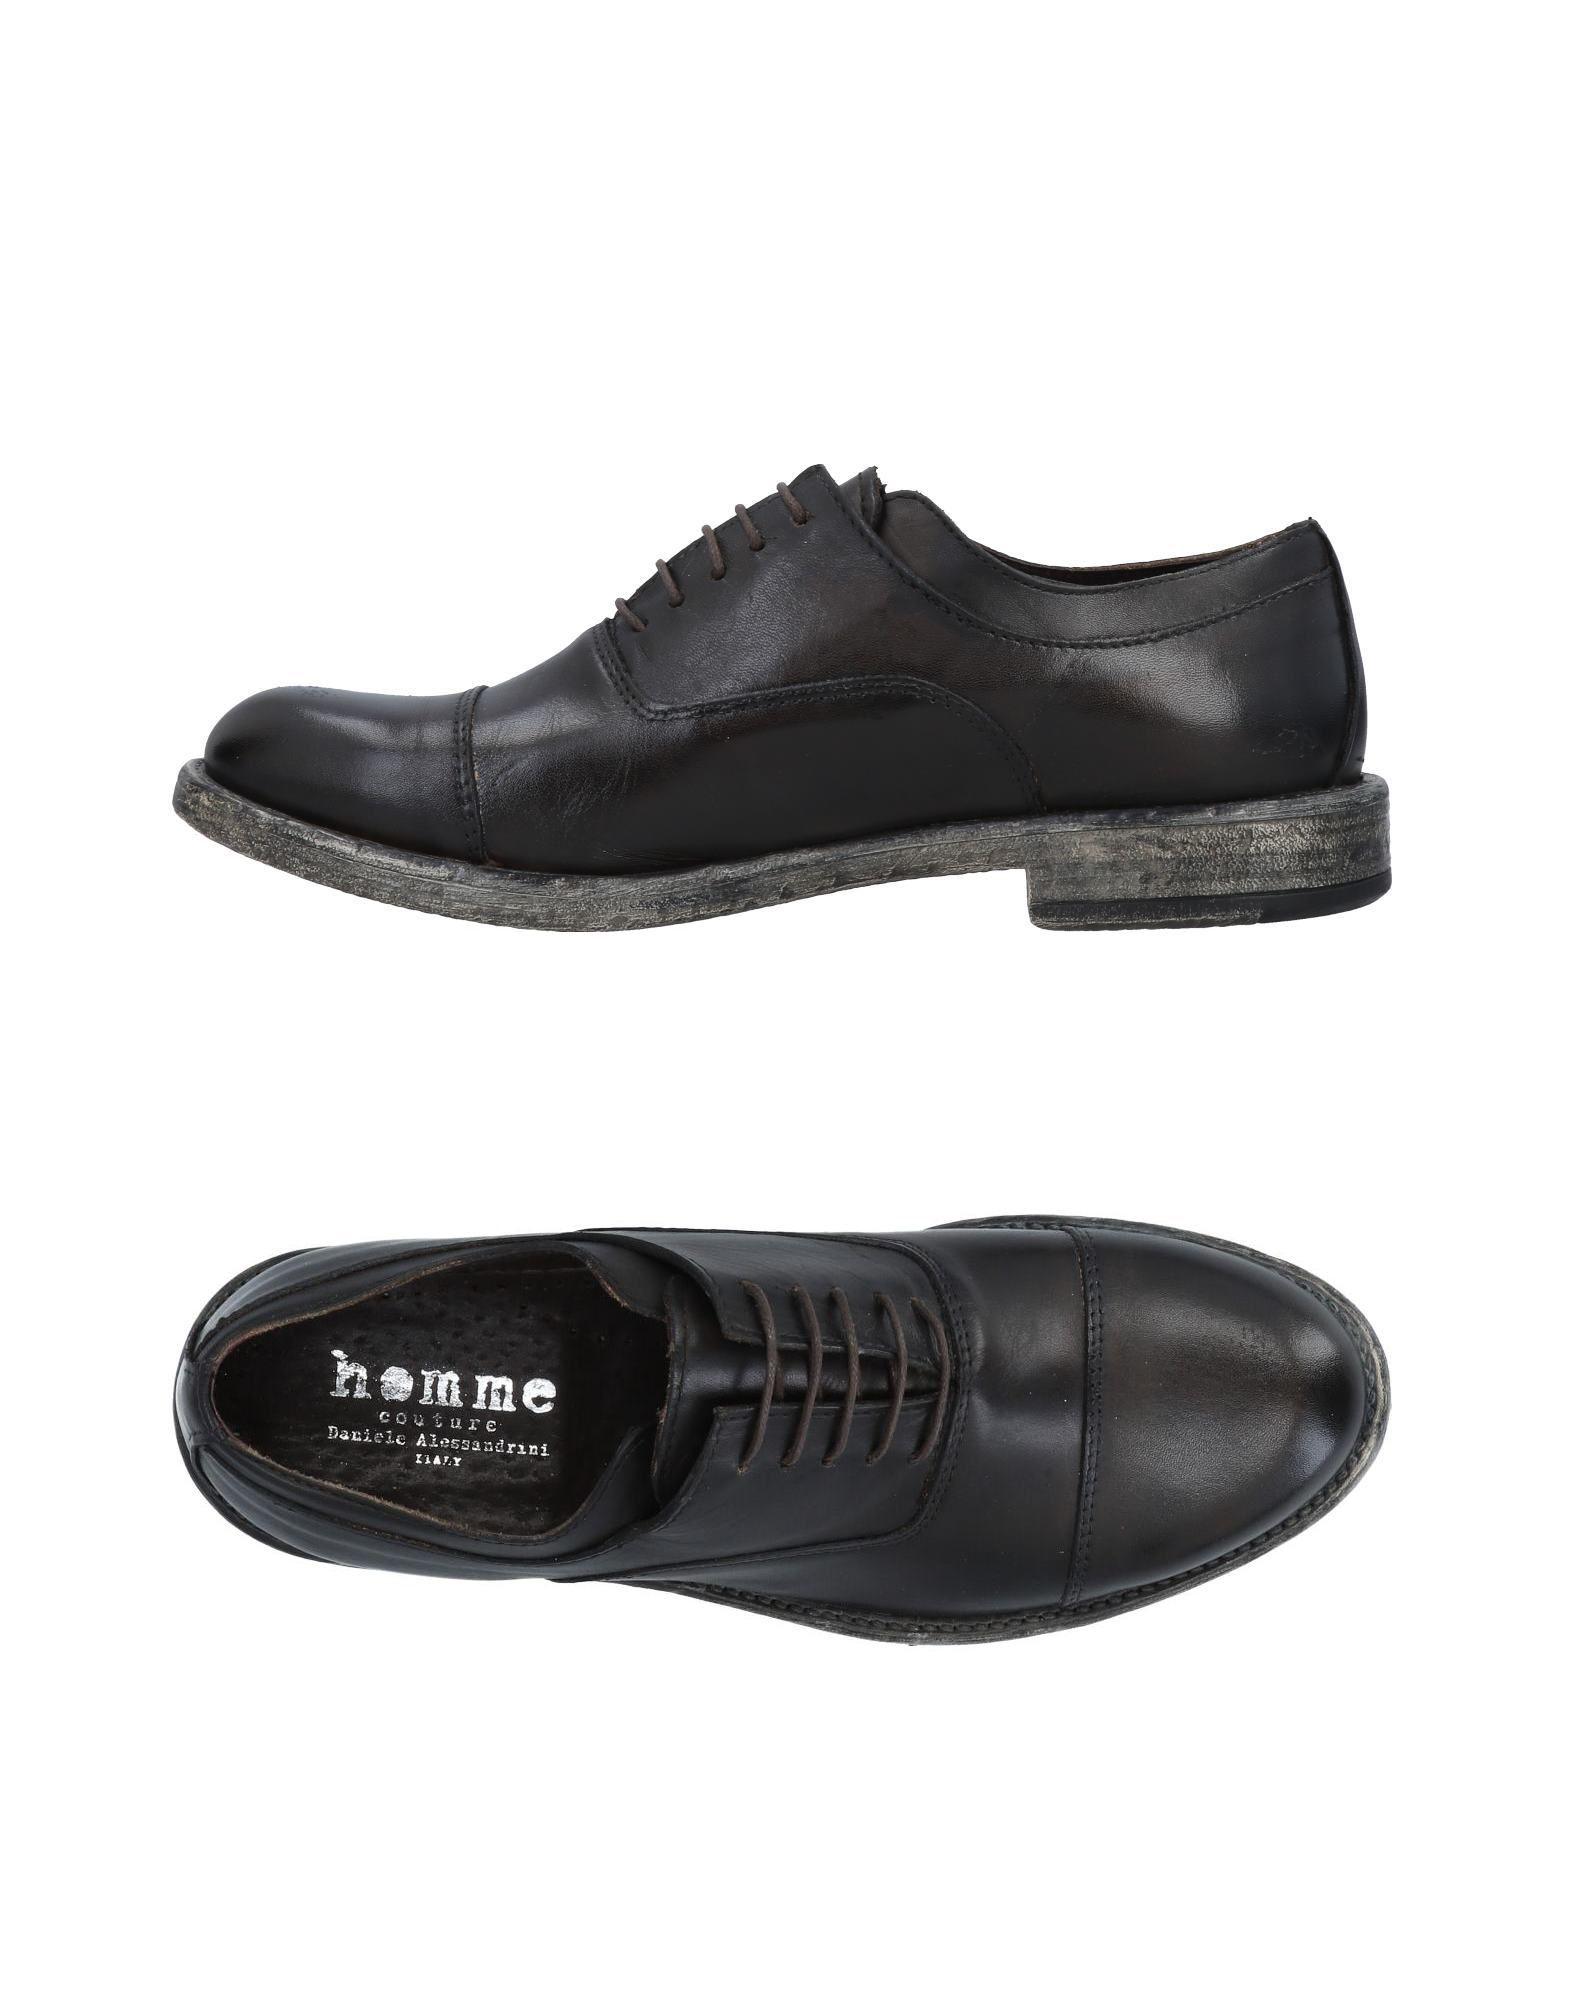 Rabatt echte Schuhe Daniele Alessandrini Homme Schnürschuhe Herren  11492173DQ